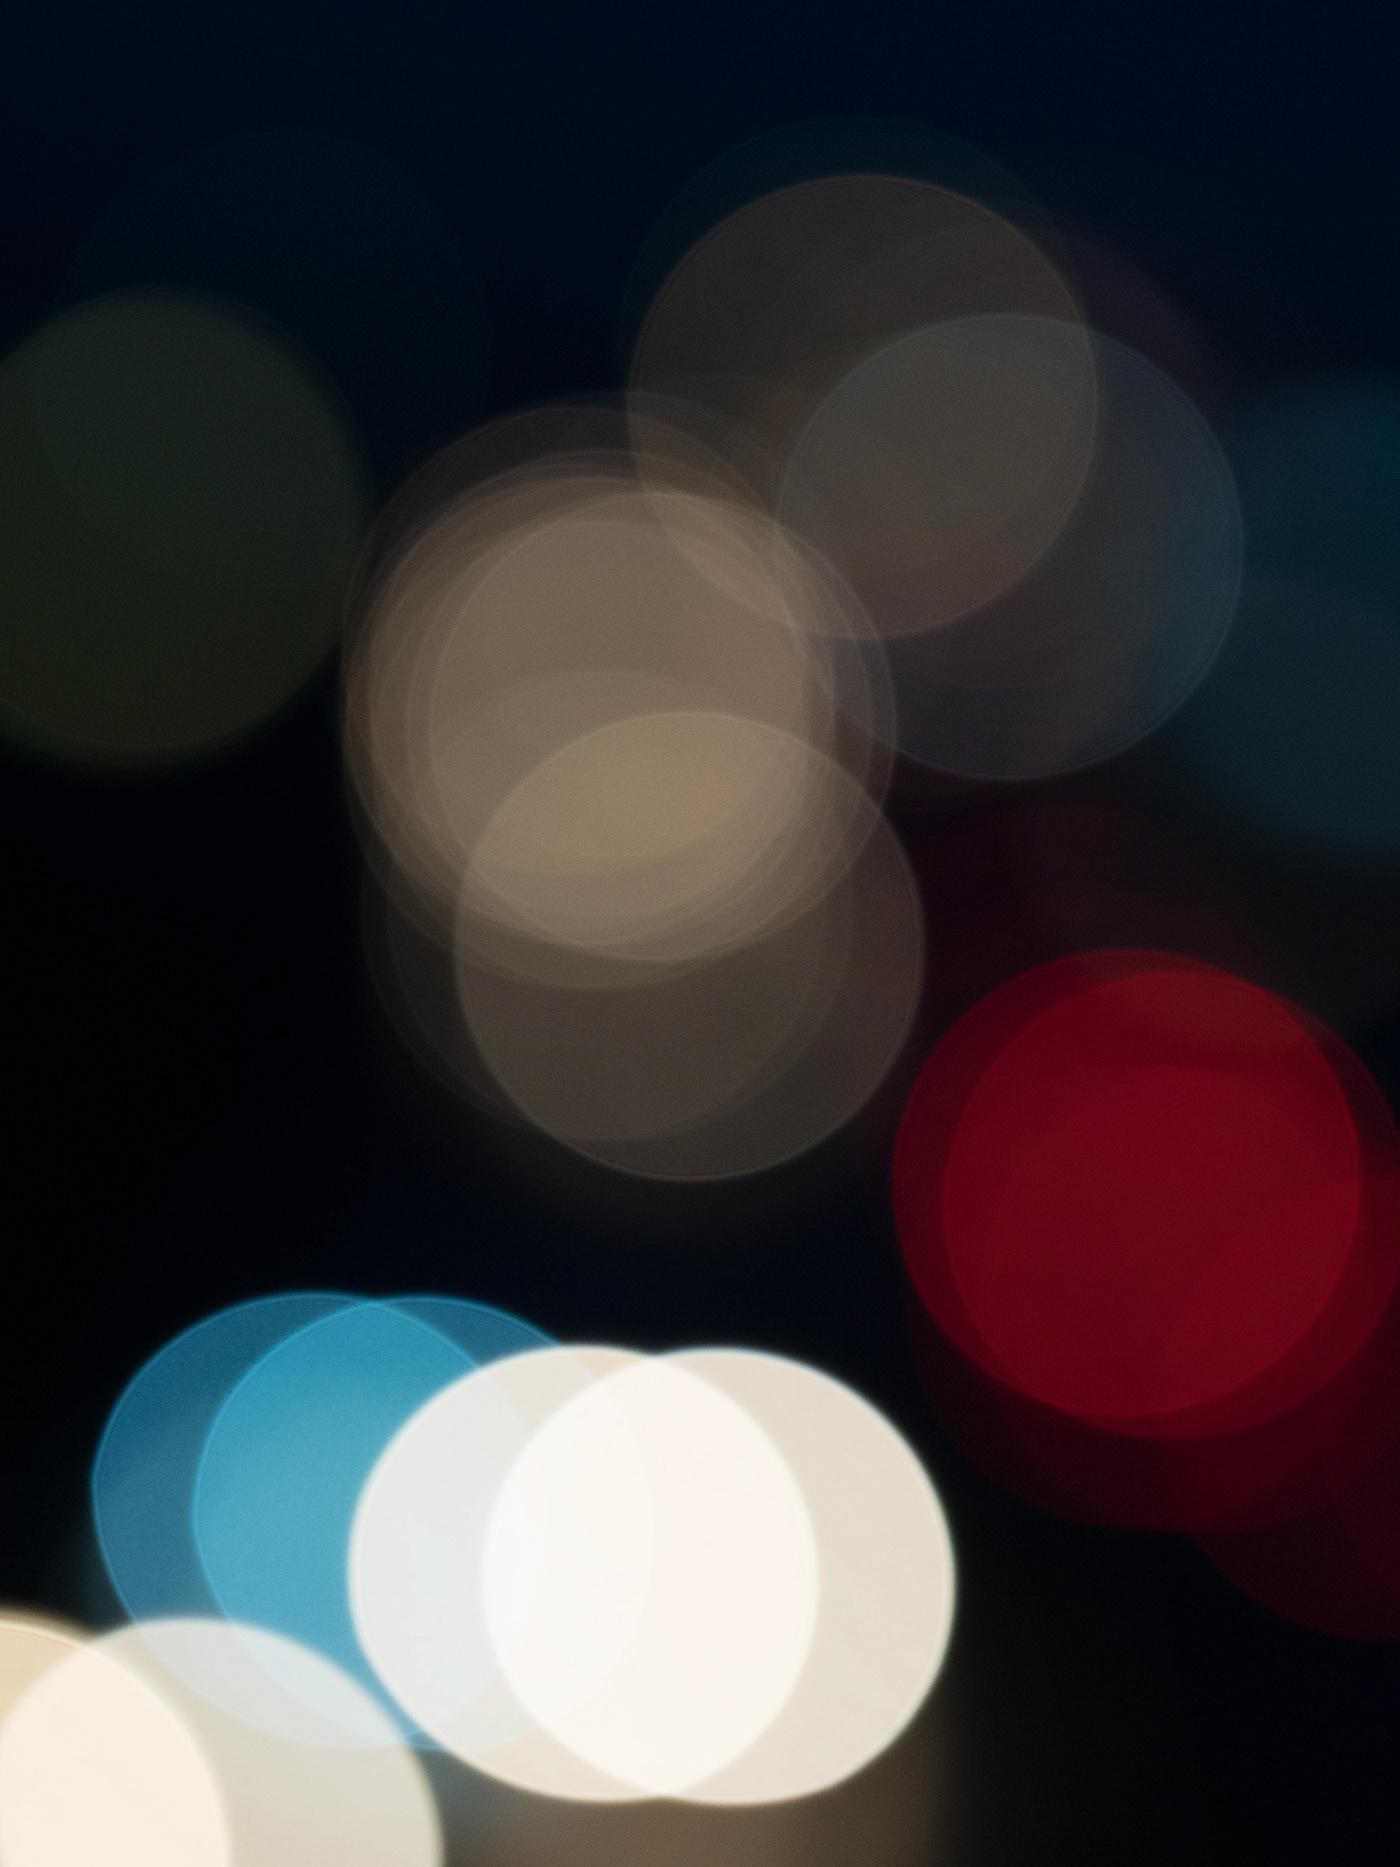 Image may contain: light, screenshot and circle